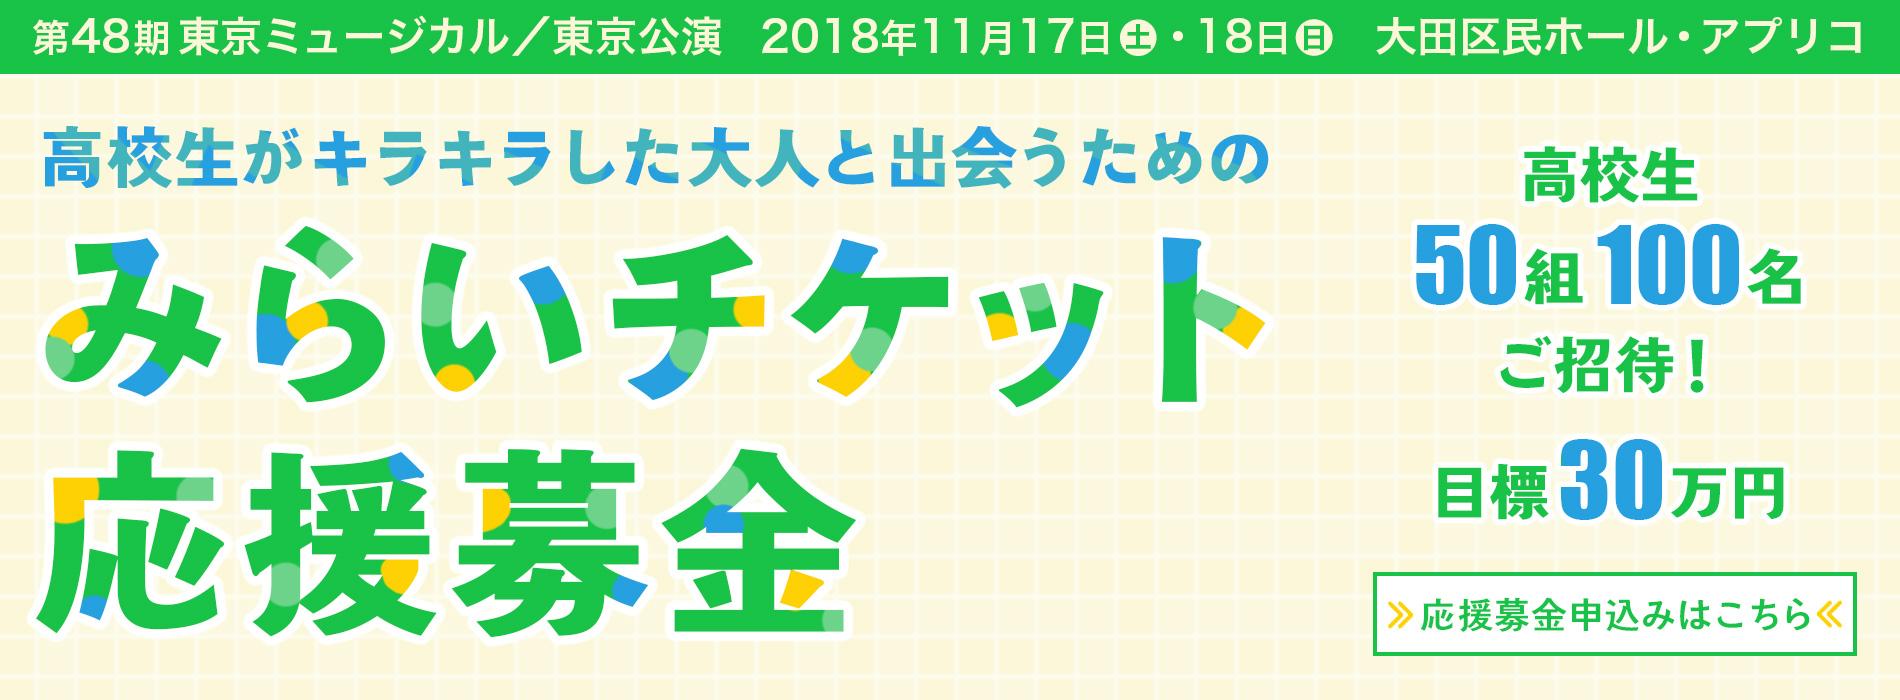 第48期東京高校生招待みらいチケット